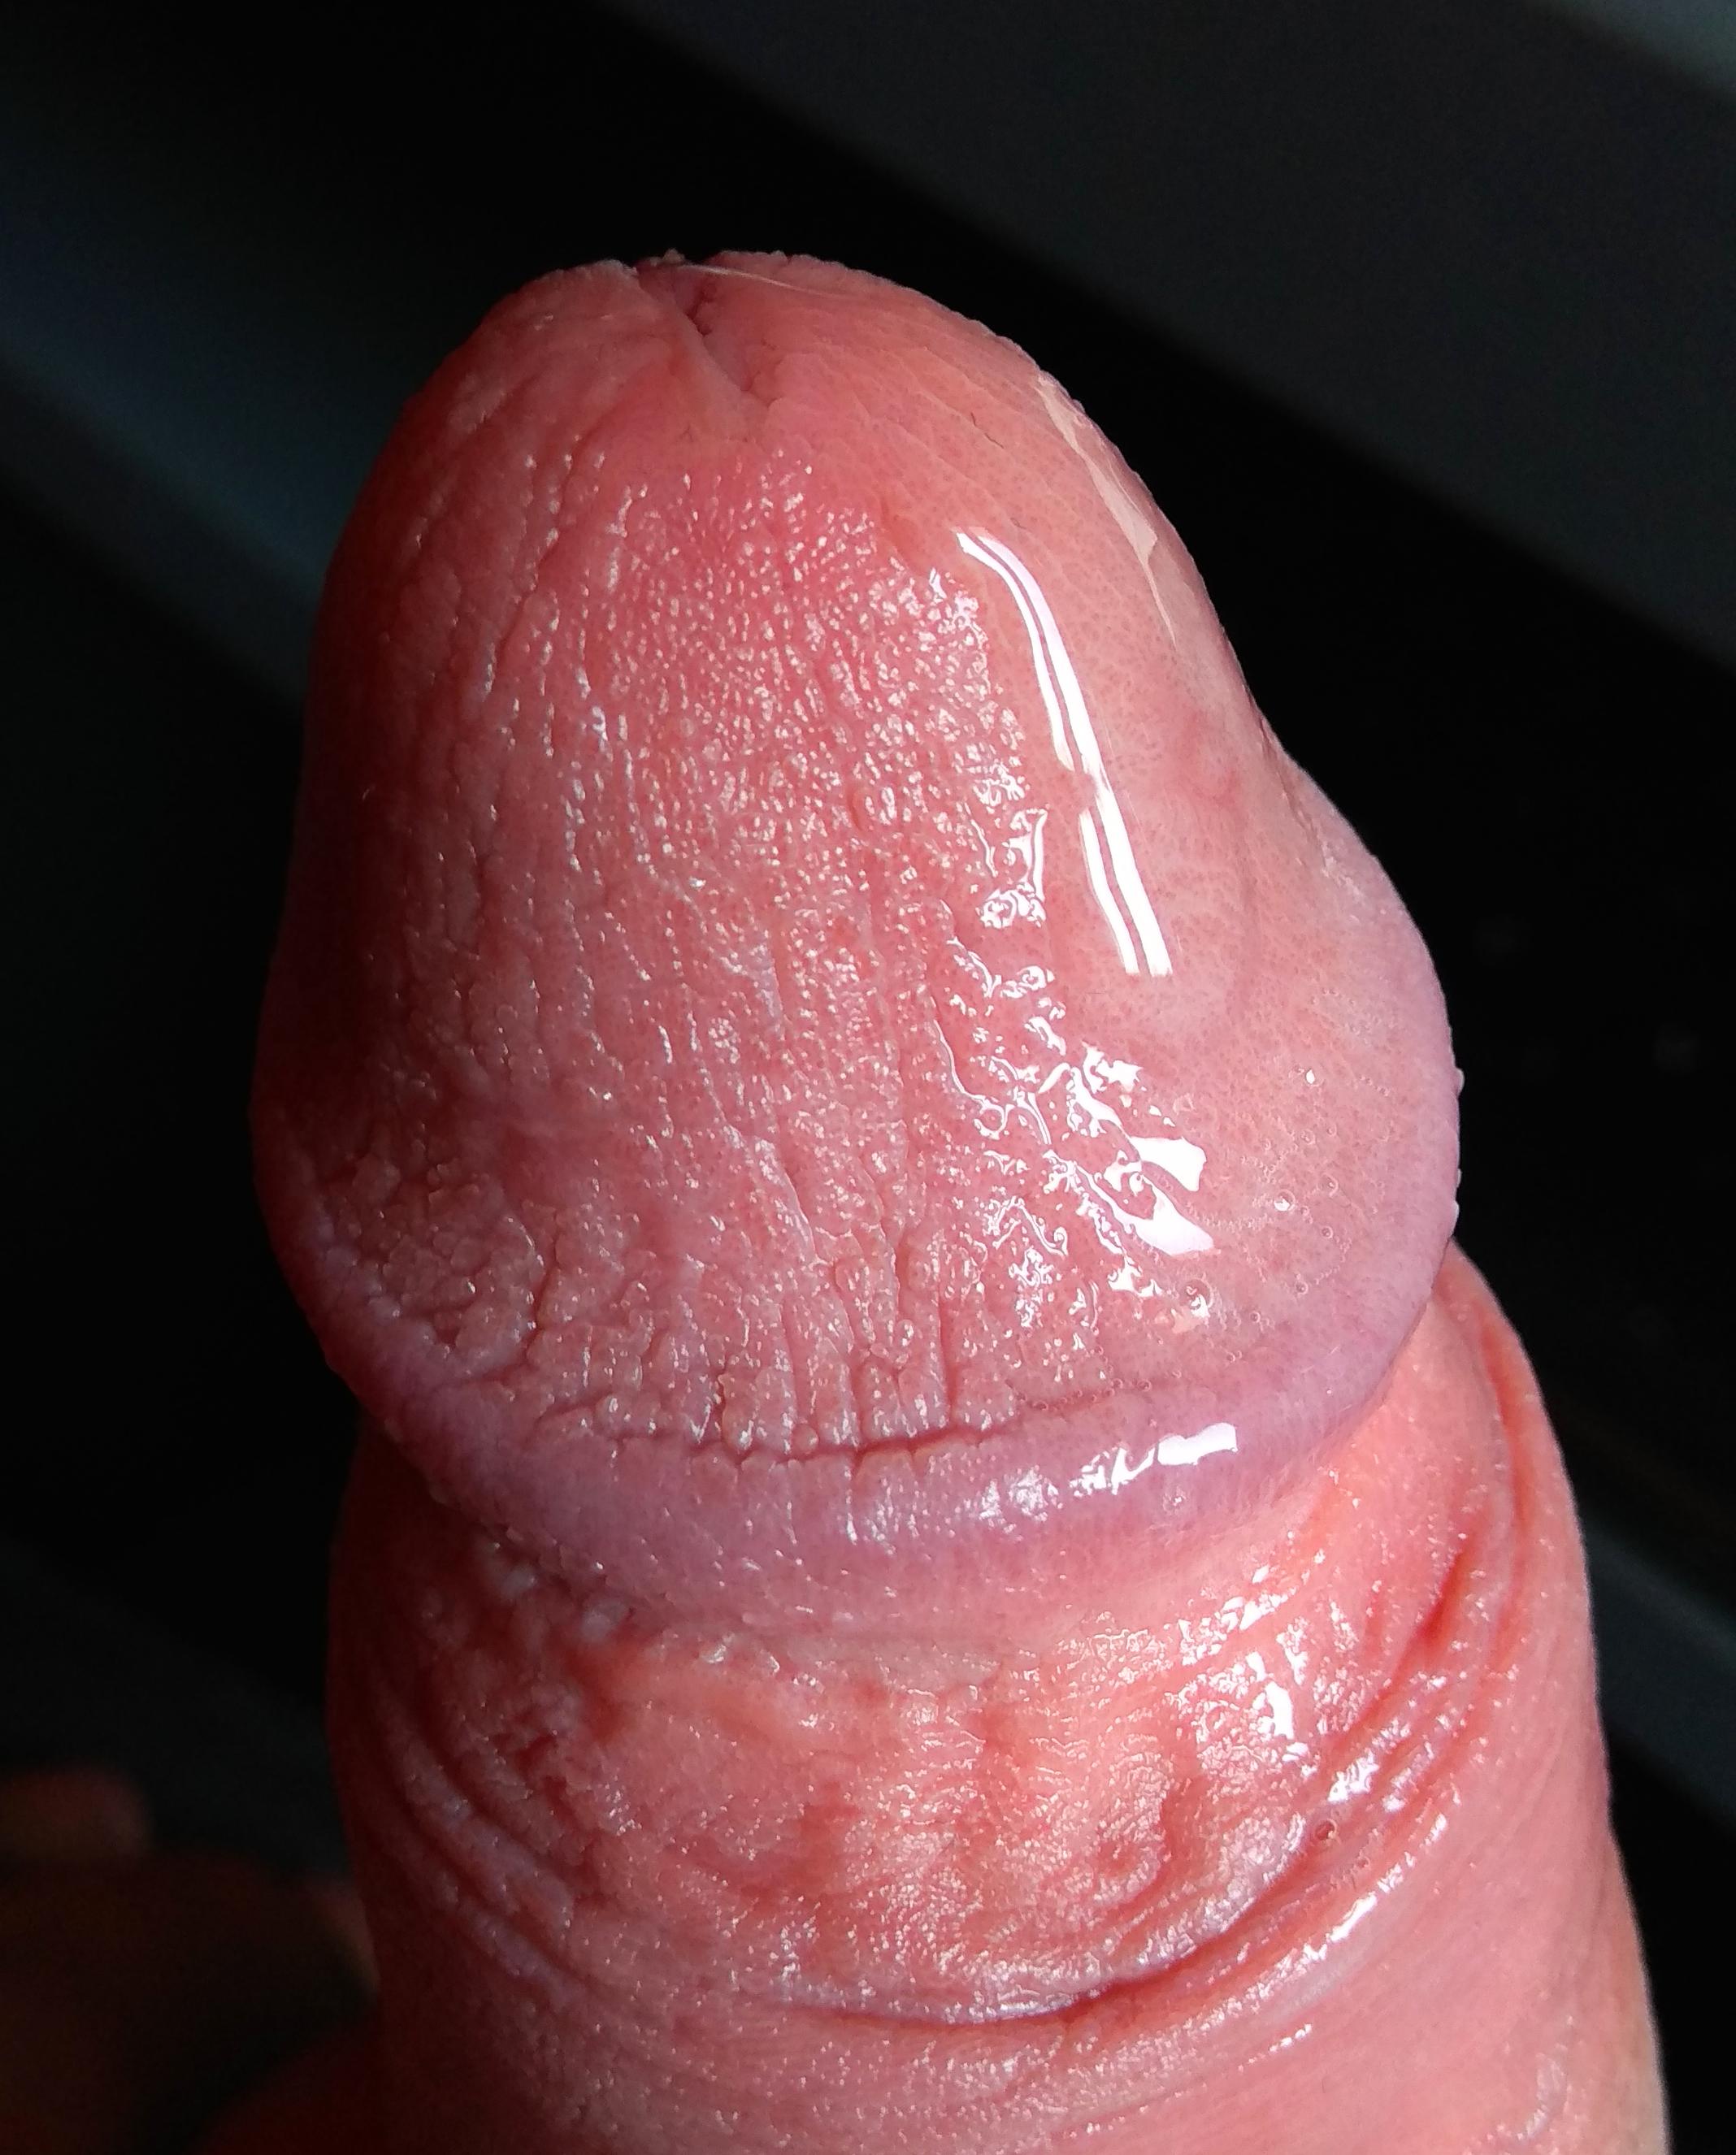 fiú pénisz erekciója)